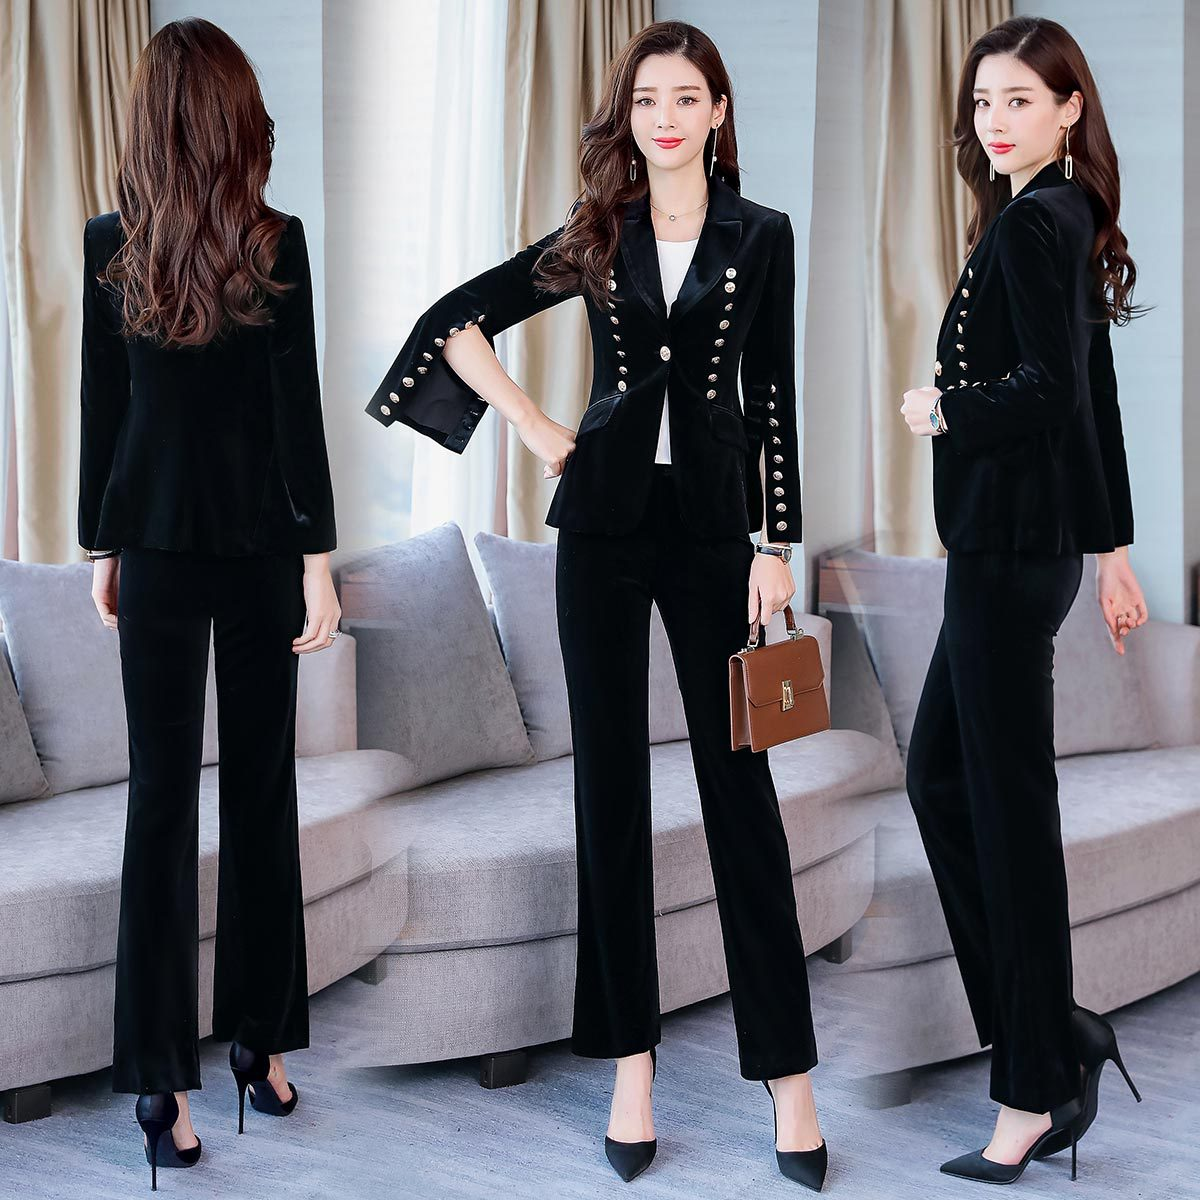 Ya Elegant Set/Suit Skirt 2019 Autumn Casual Fashion Simple Cool Excellent